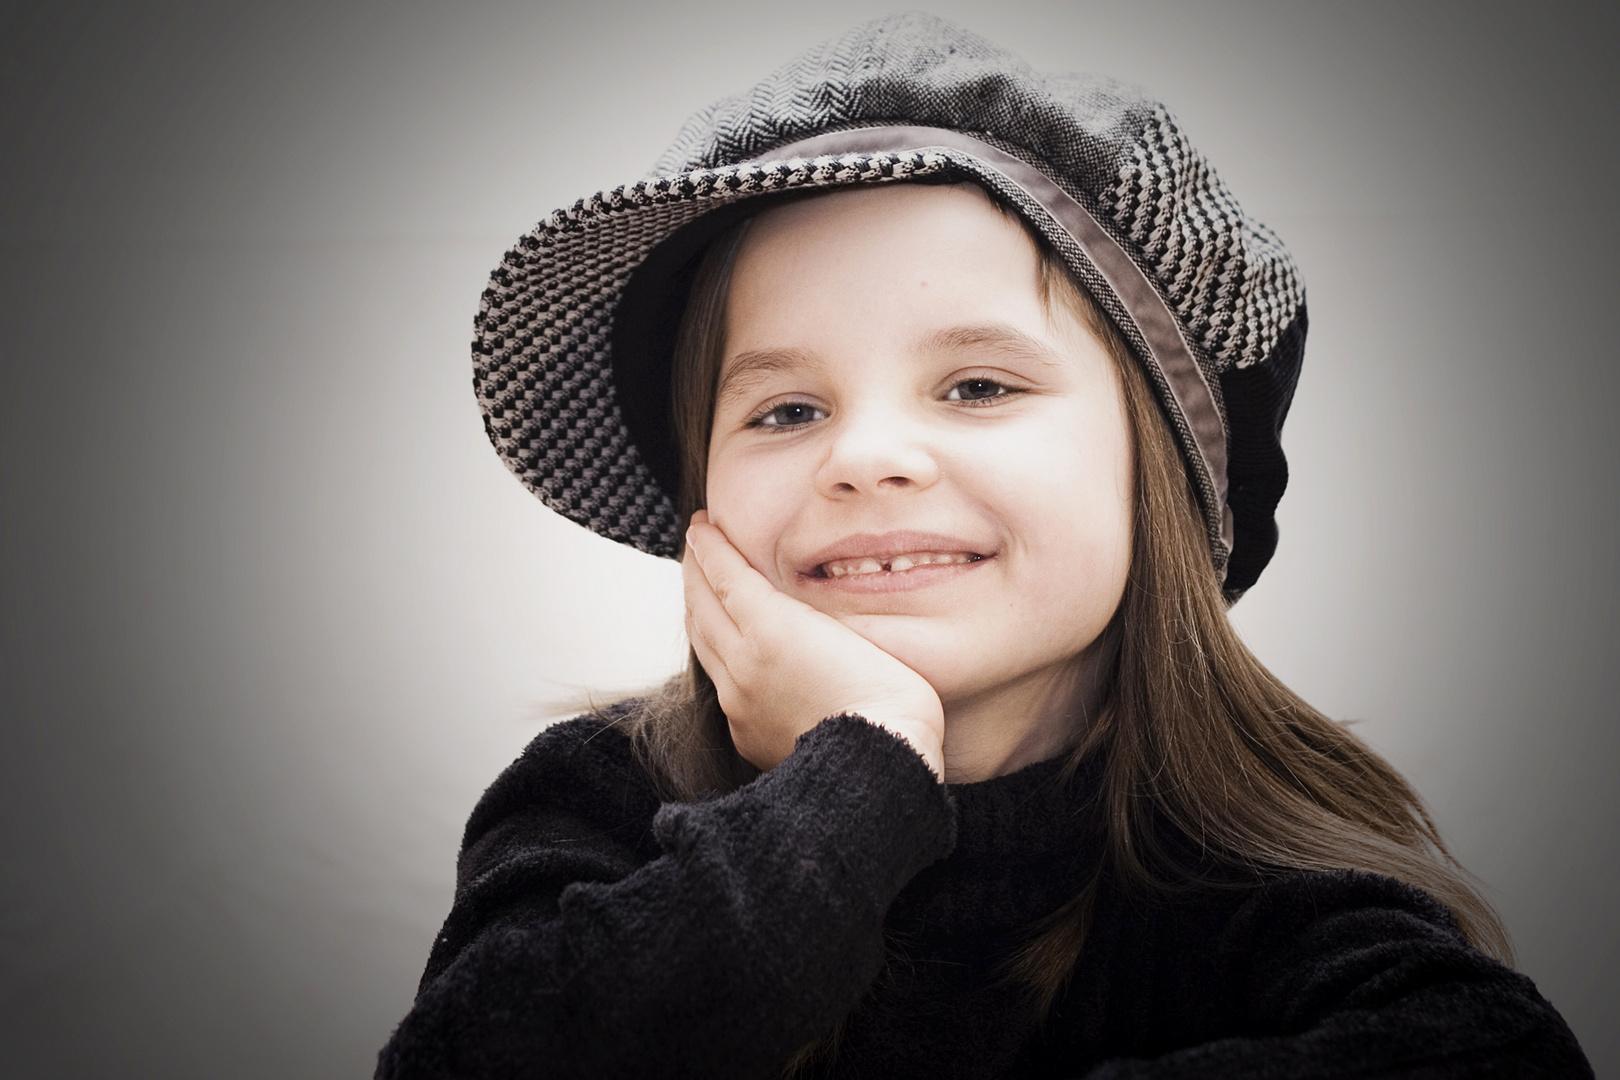 __ smiling __